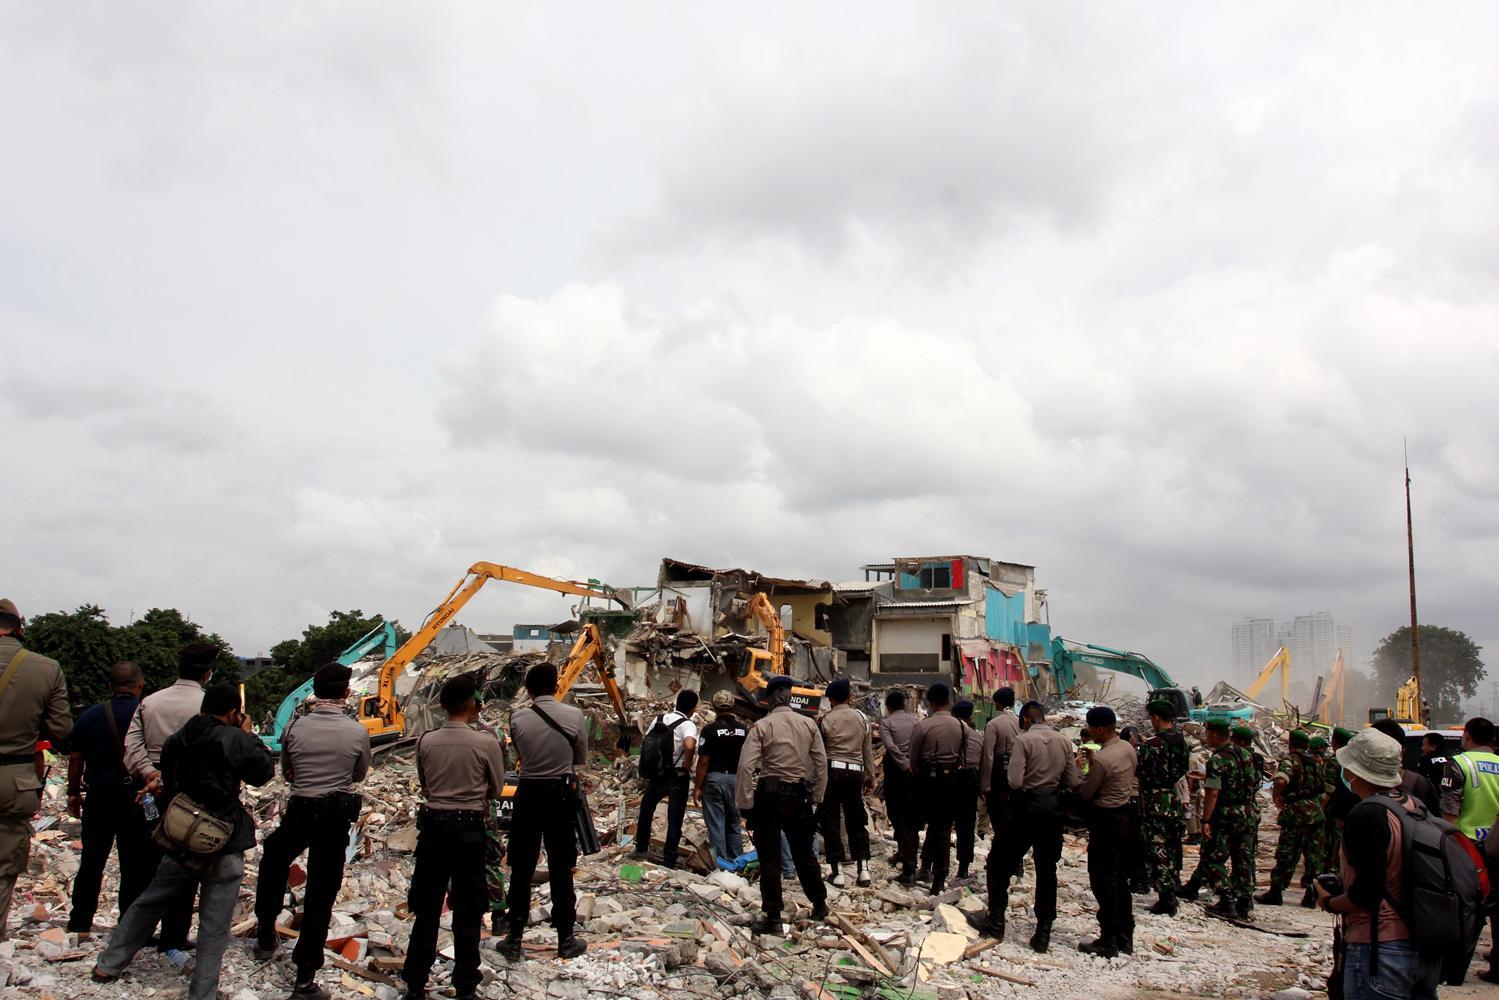 Suasana pembongkaran bangunan dengan menggunakan alat berat di kawasan Kalijodo, Jakarta, Senin (29/2). Pemprov DKI Jakarta membongkar ratusan bangunan di kawasan tersebut untuk dijadikan Ruang Terbuka Hijau (RTH).